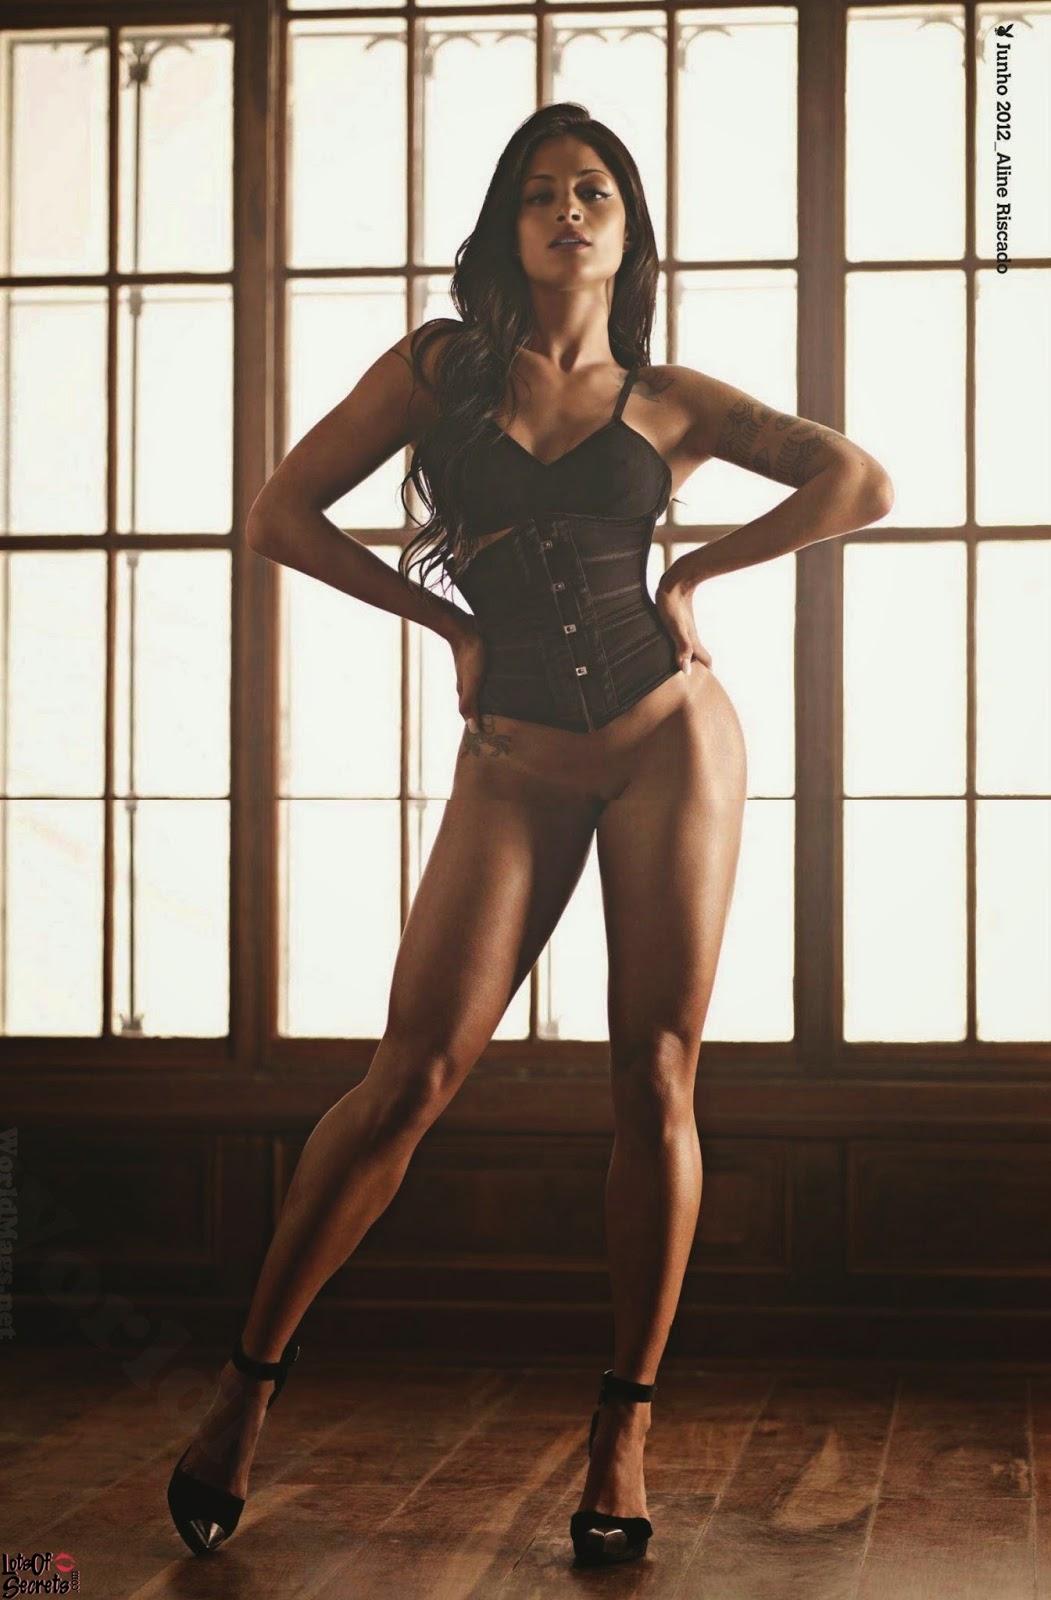 Aline Riscado Playboy nude brazilian divas: aline riscado